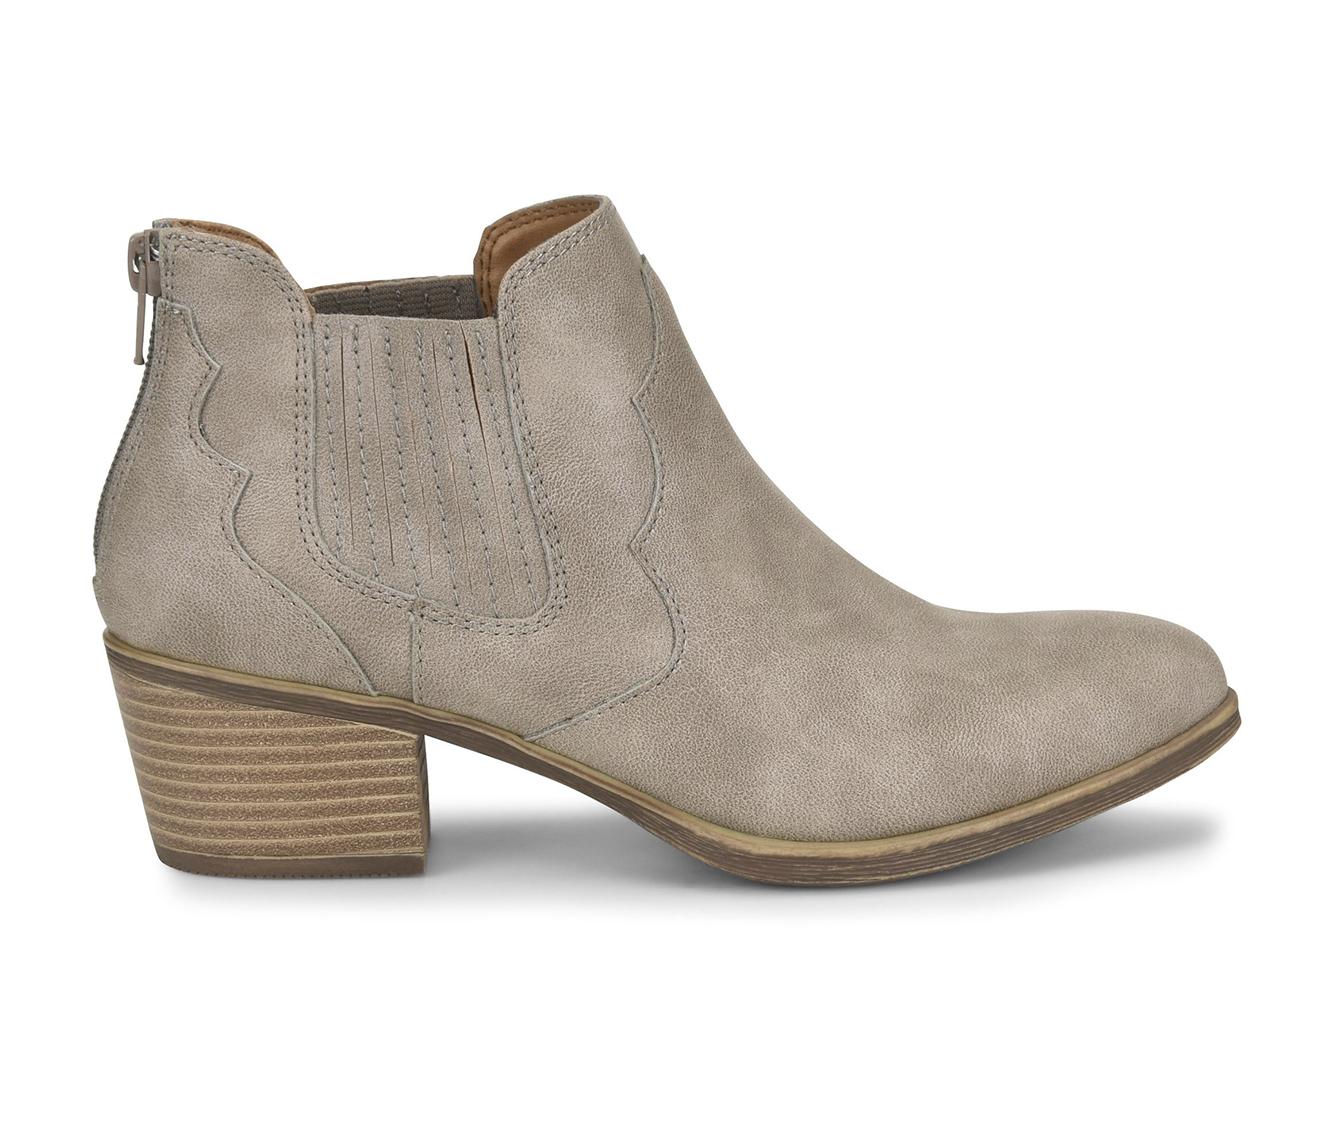 EuroSoft Adalene Women's Boots (Gray - Faux Leather)